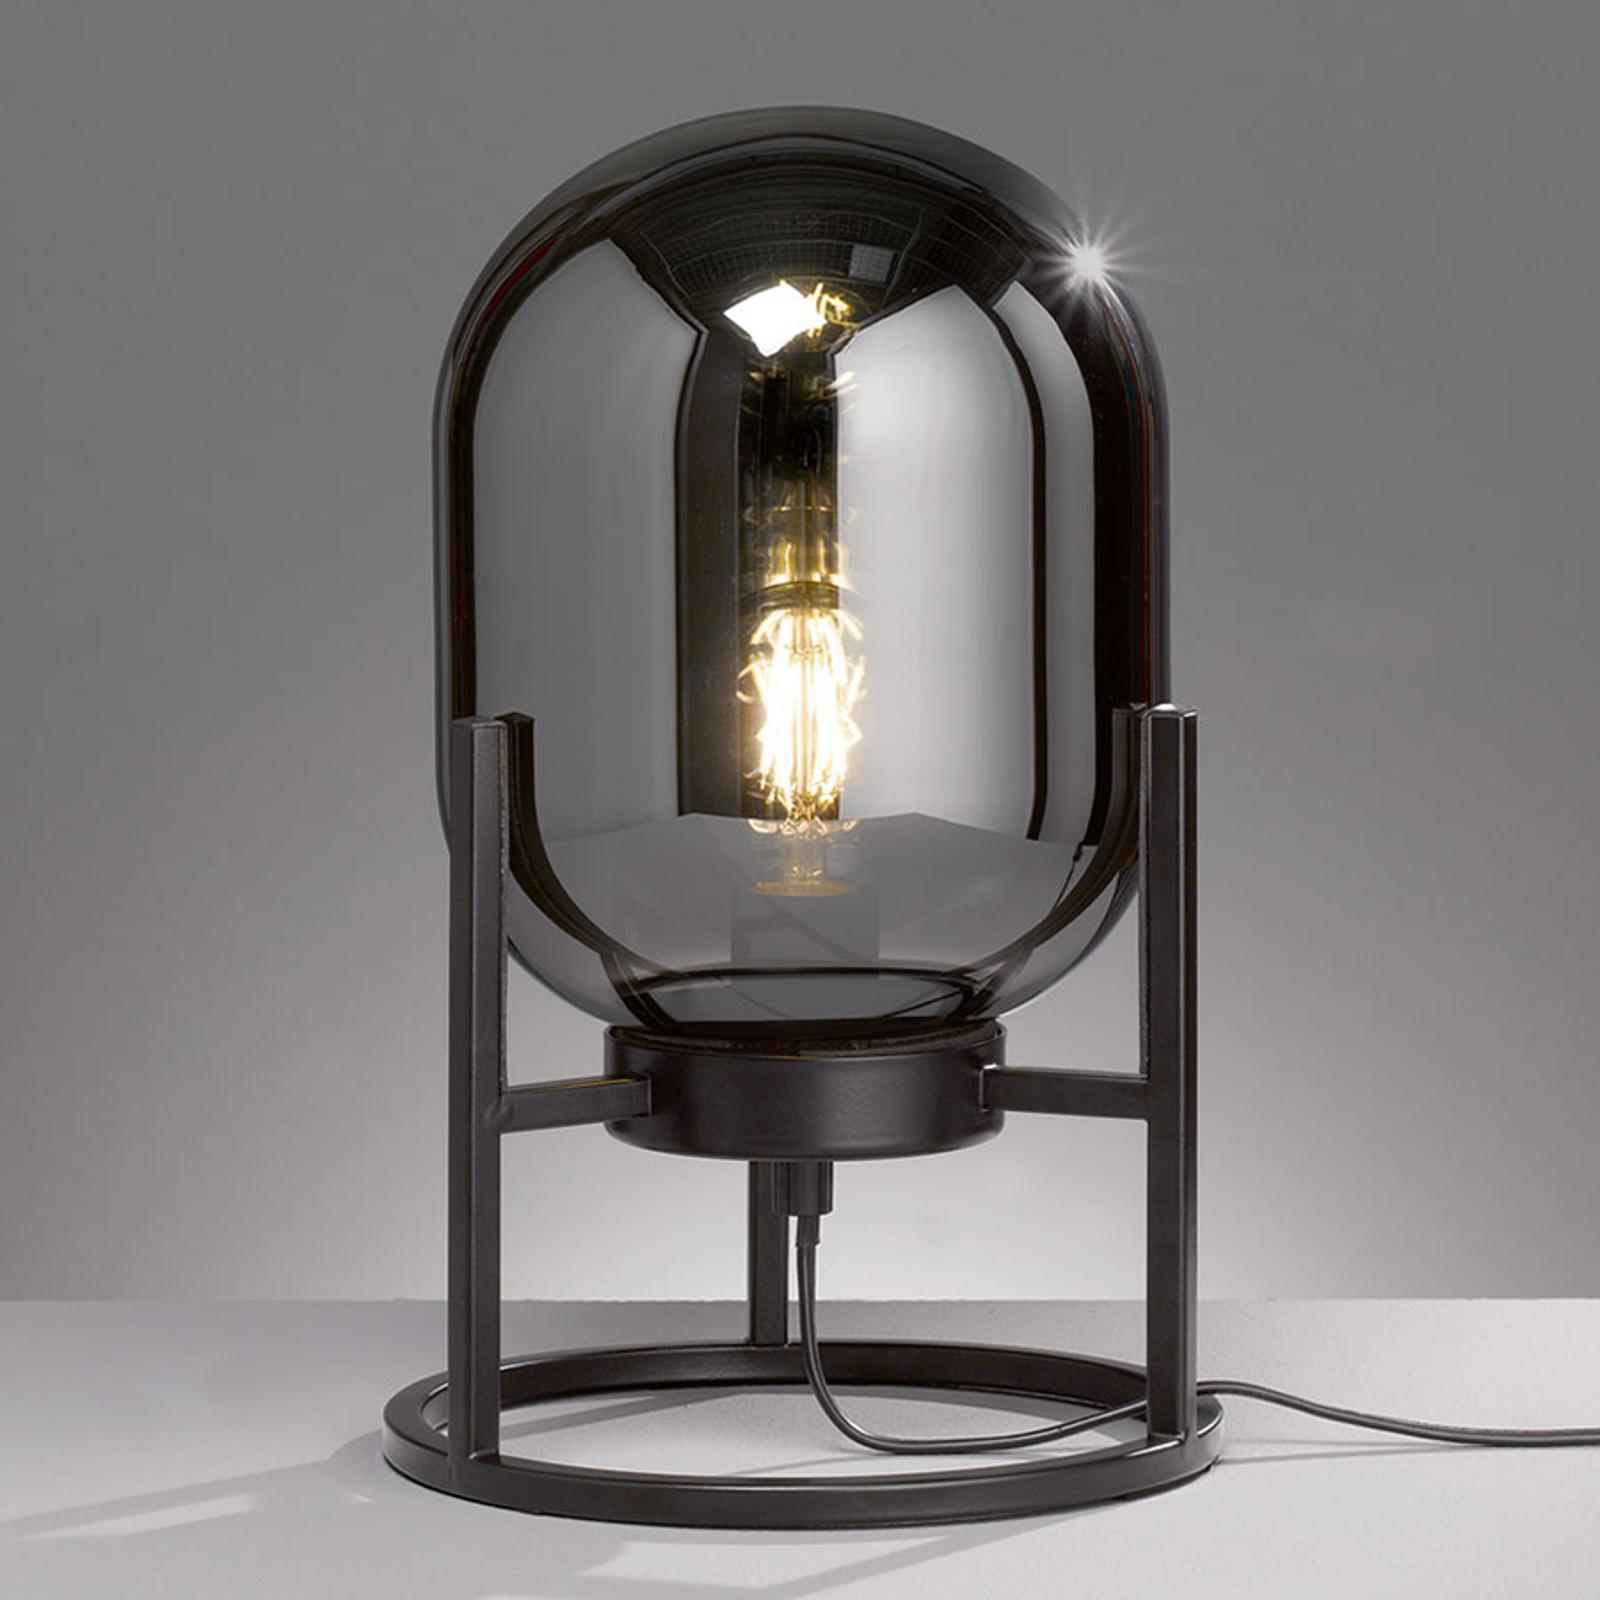 Trójnożna lampa stołowa Regi